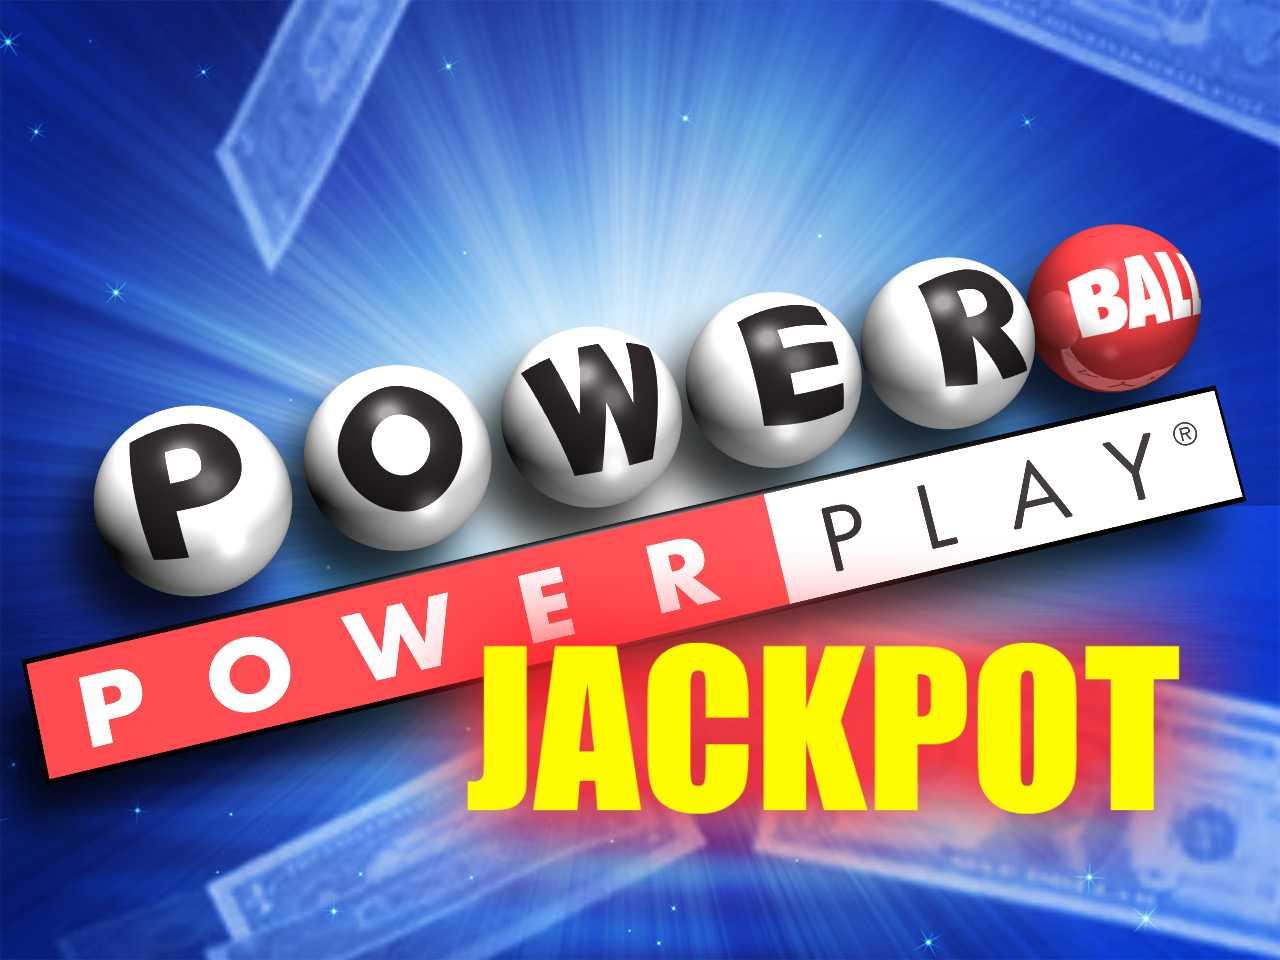 Лотерея powerball australia - правила + инструкцая как играть из россии | зарубежные лотереи